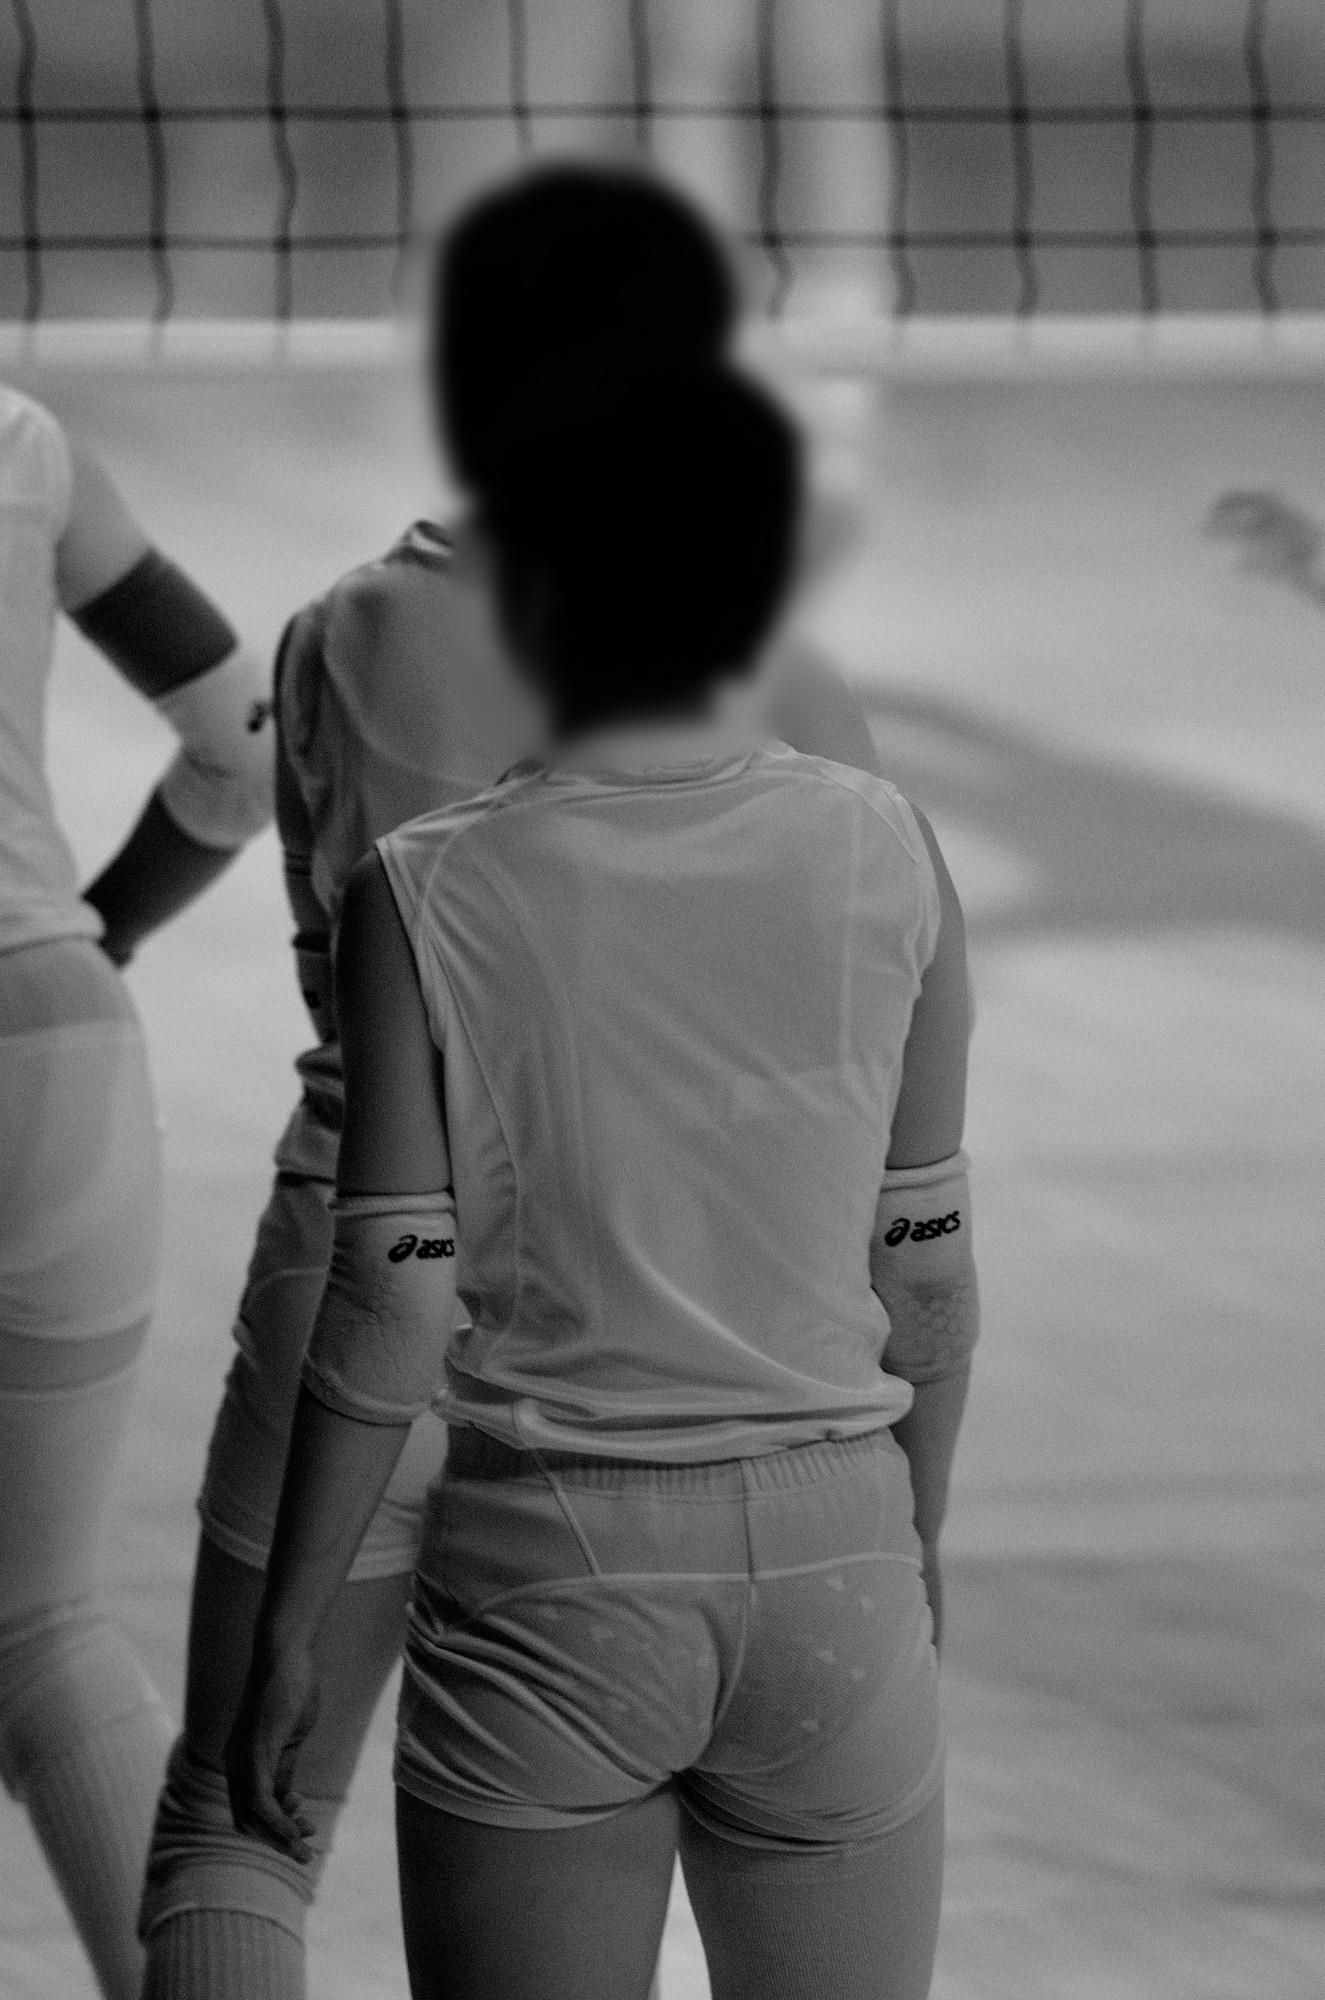 JK女子の競泳水着から透けてしまった剛毛の赤外線盗撮エロ画像3枚目